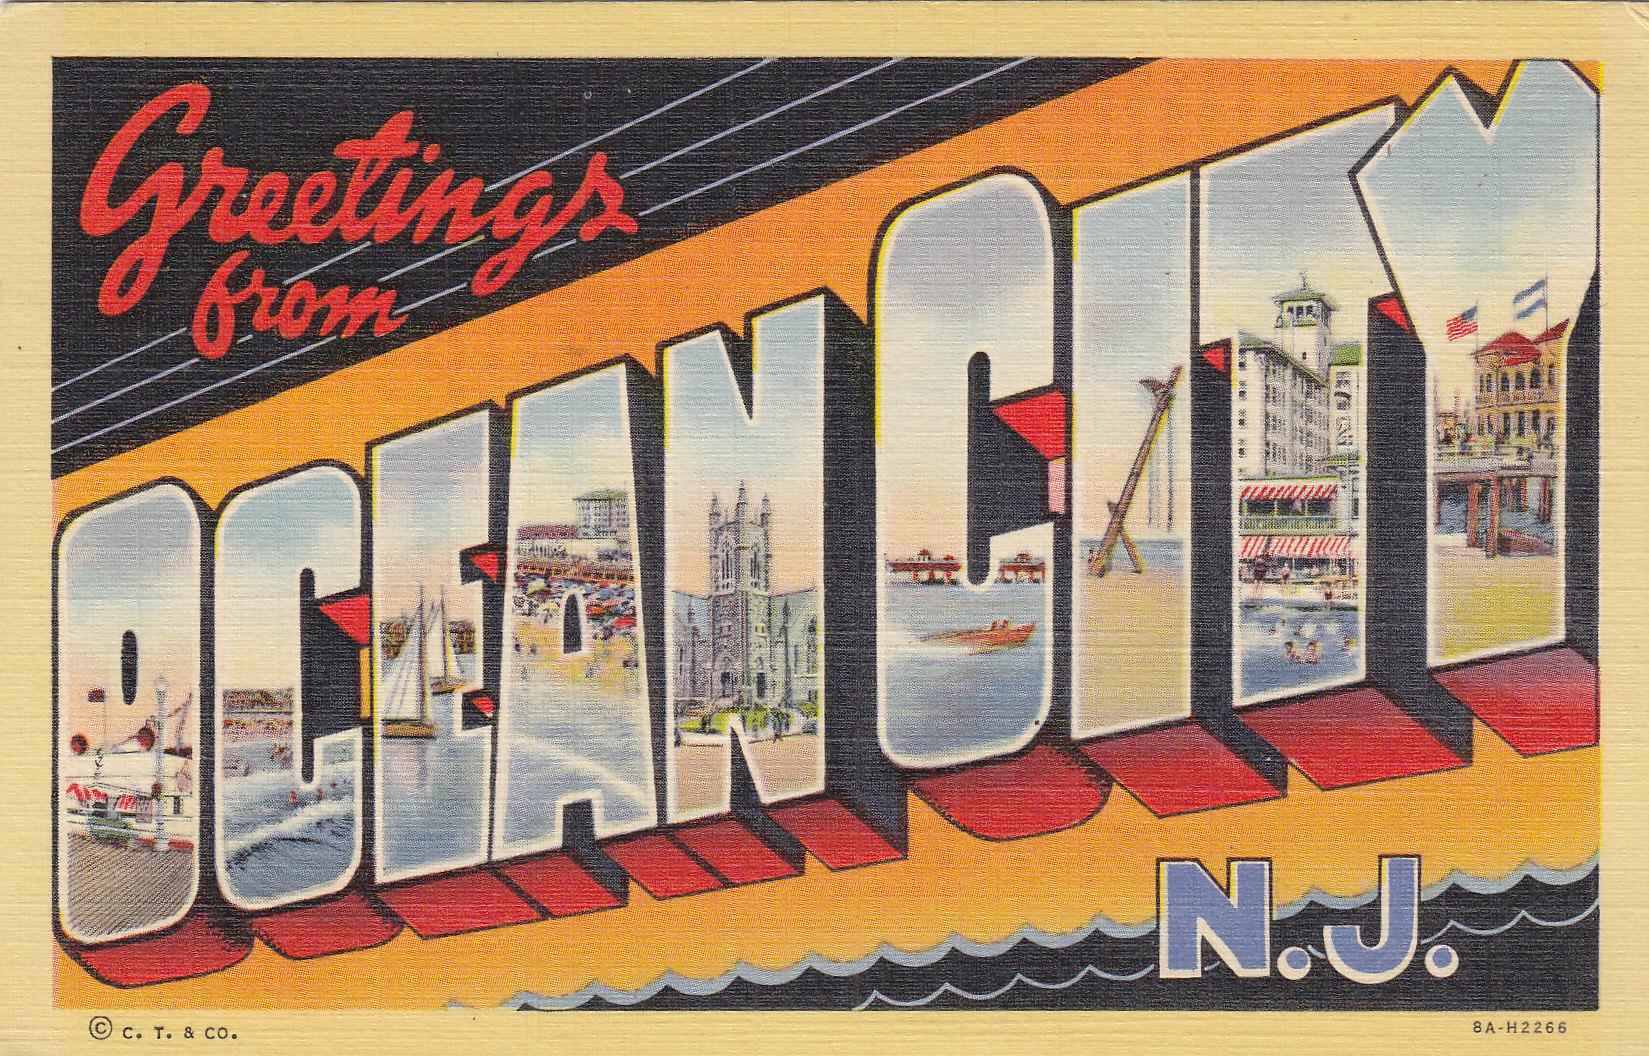 Greetings from ocean city moores postcard museum greetings from ocean city m4hsunfo